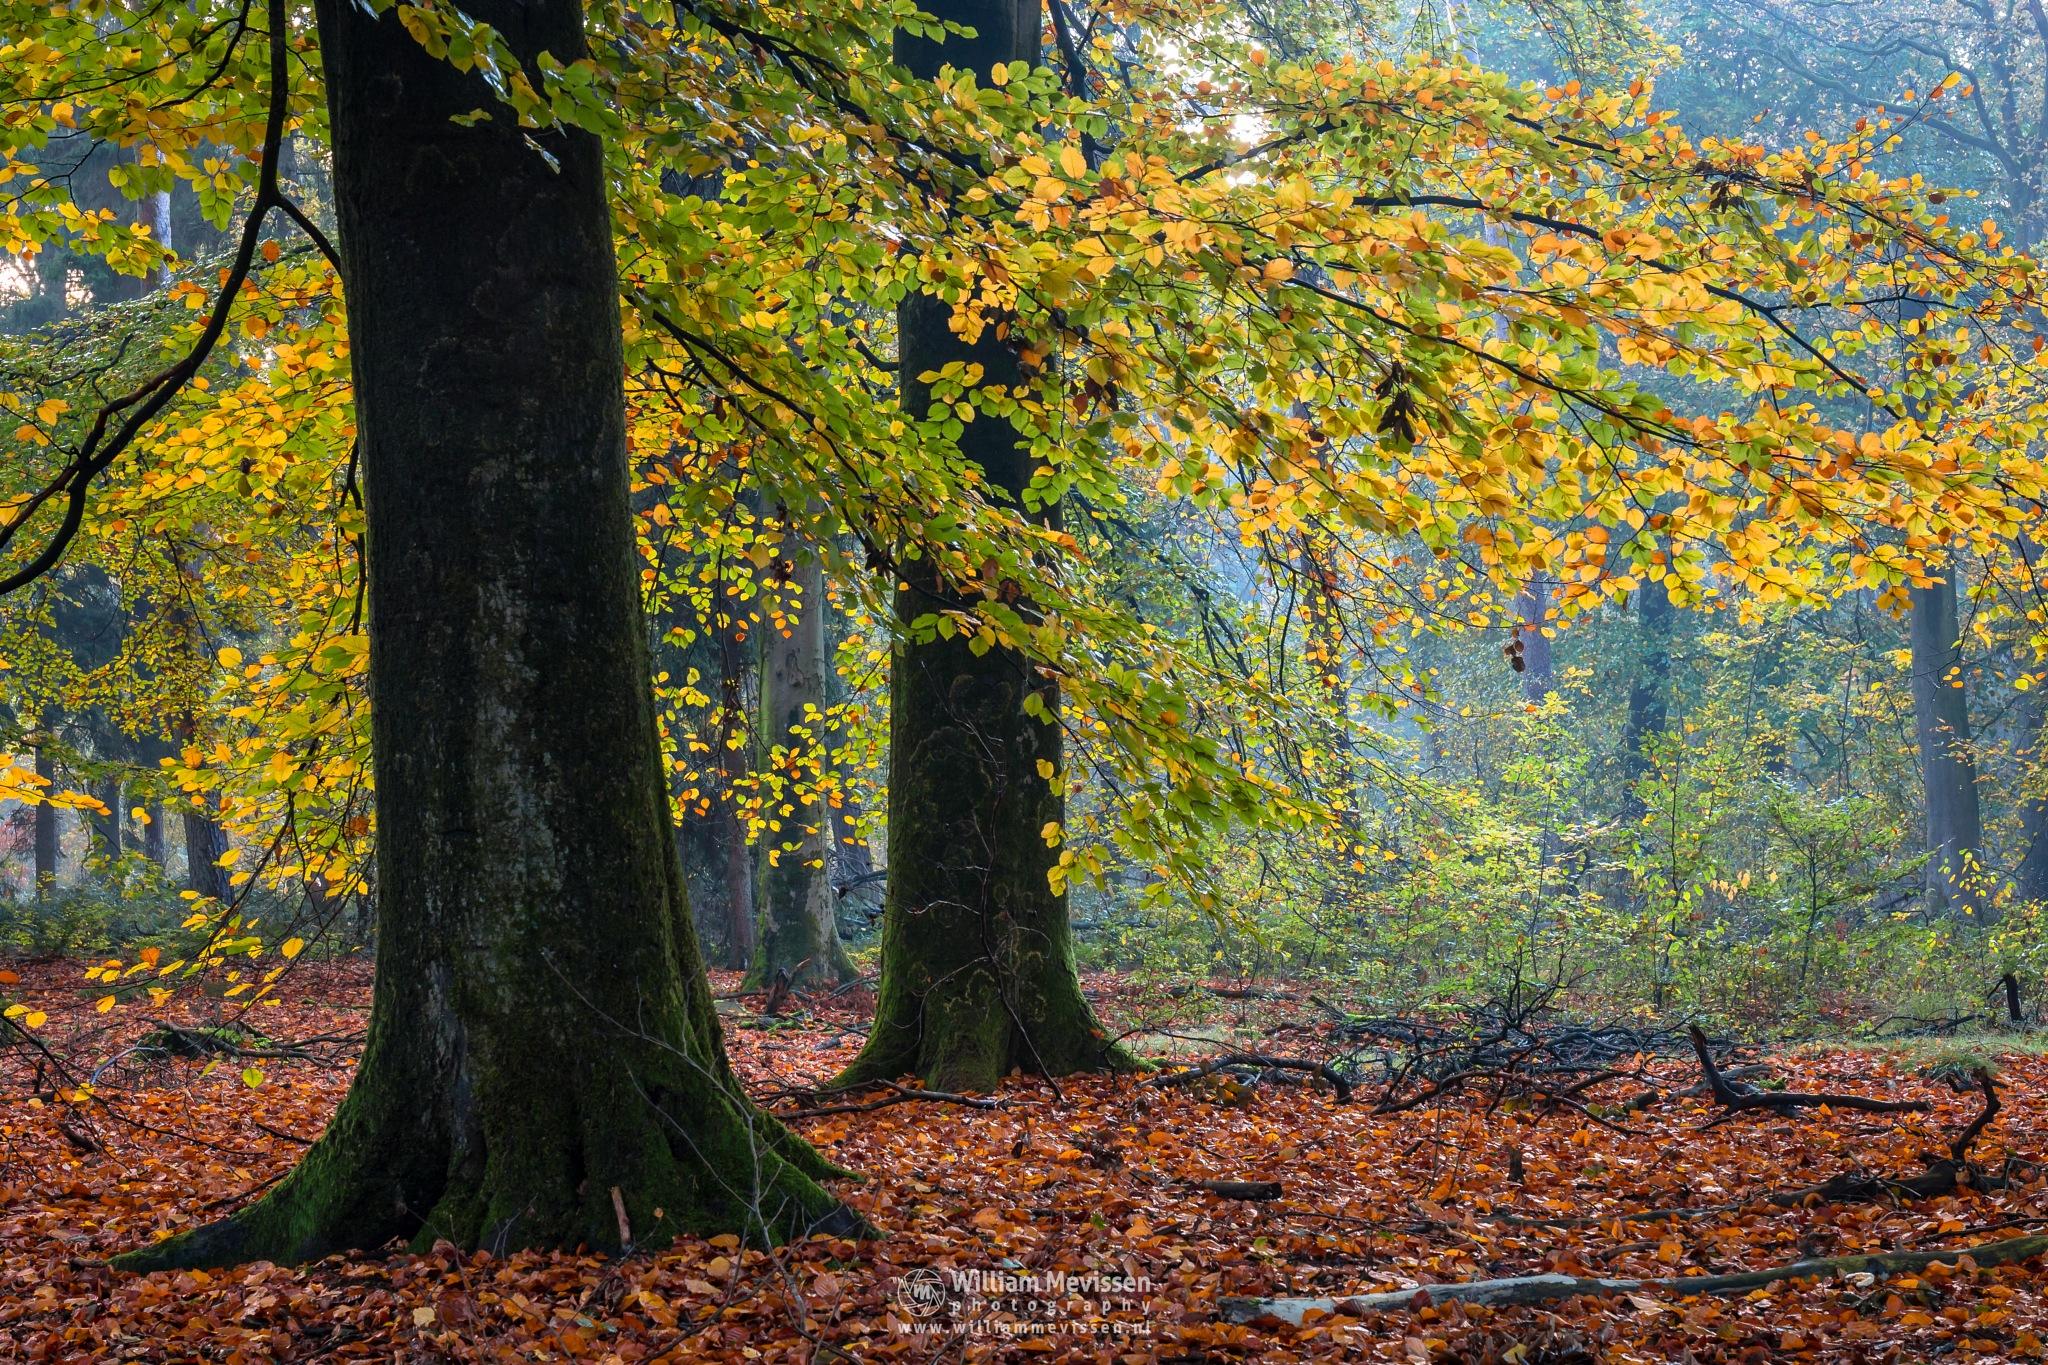 Autumn Foliage by William Mevissen